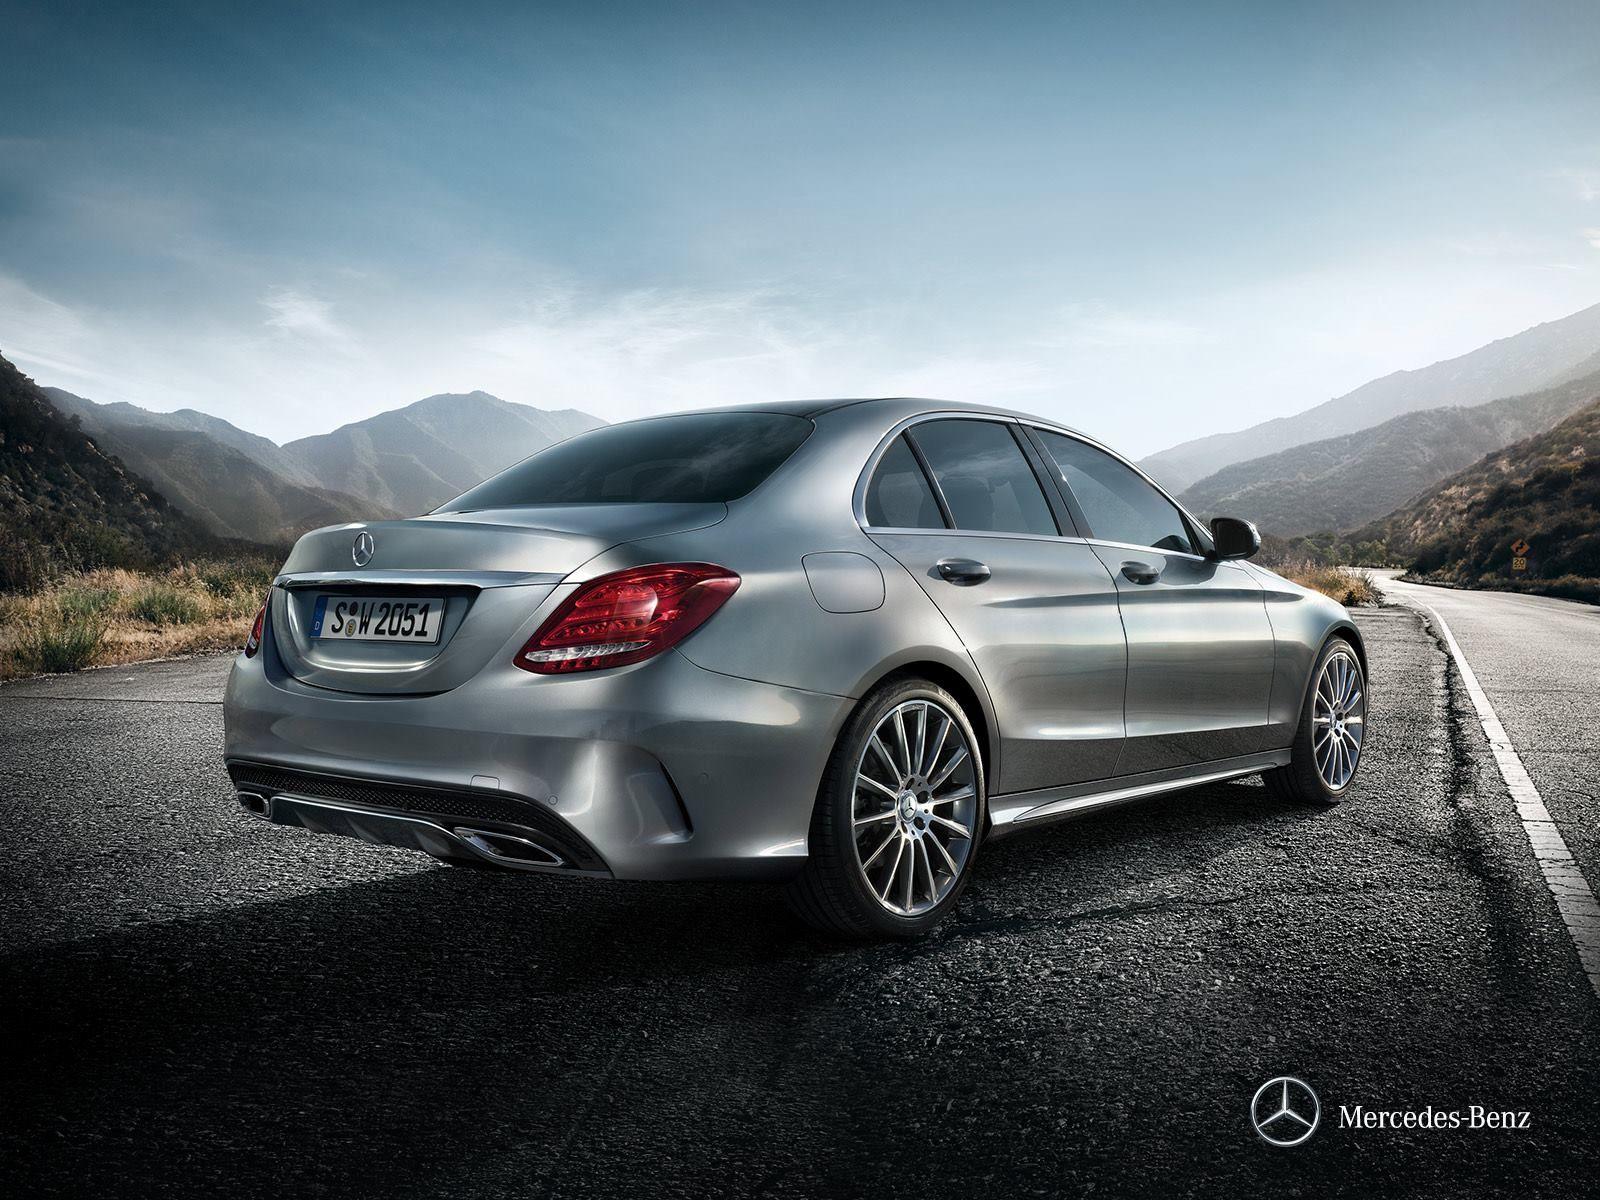 MercedesBenz CClass C200 Fuel consumption